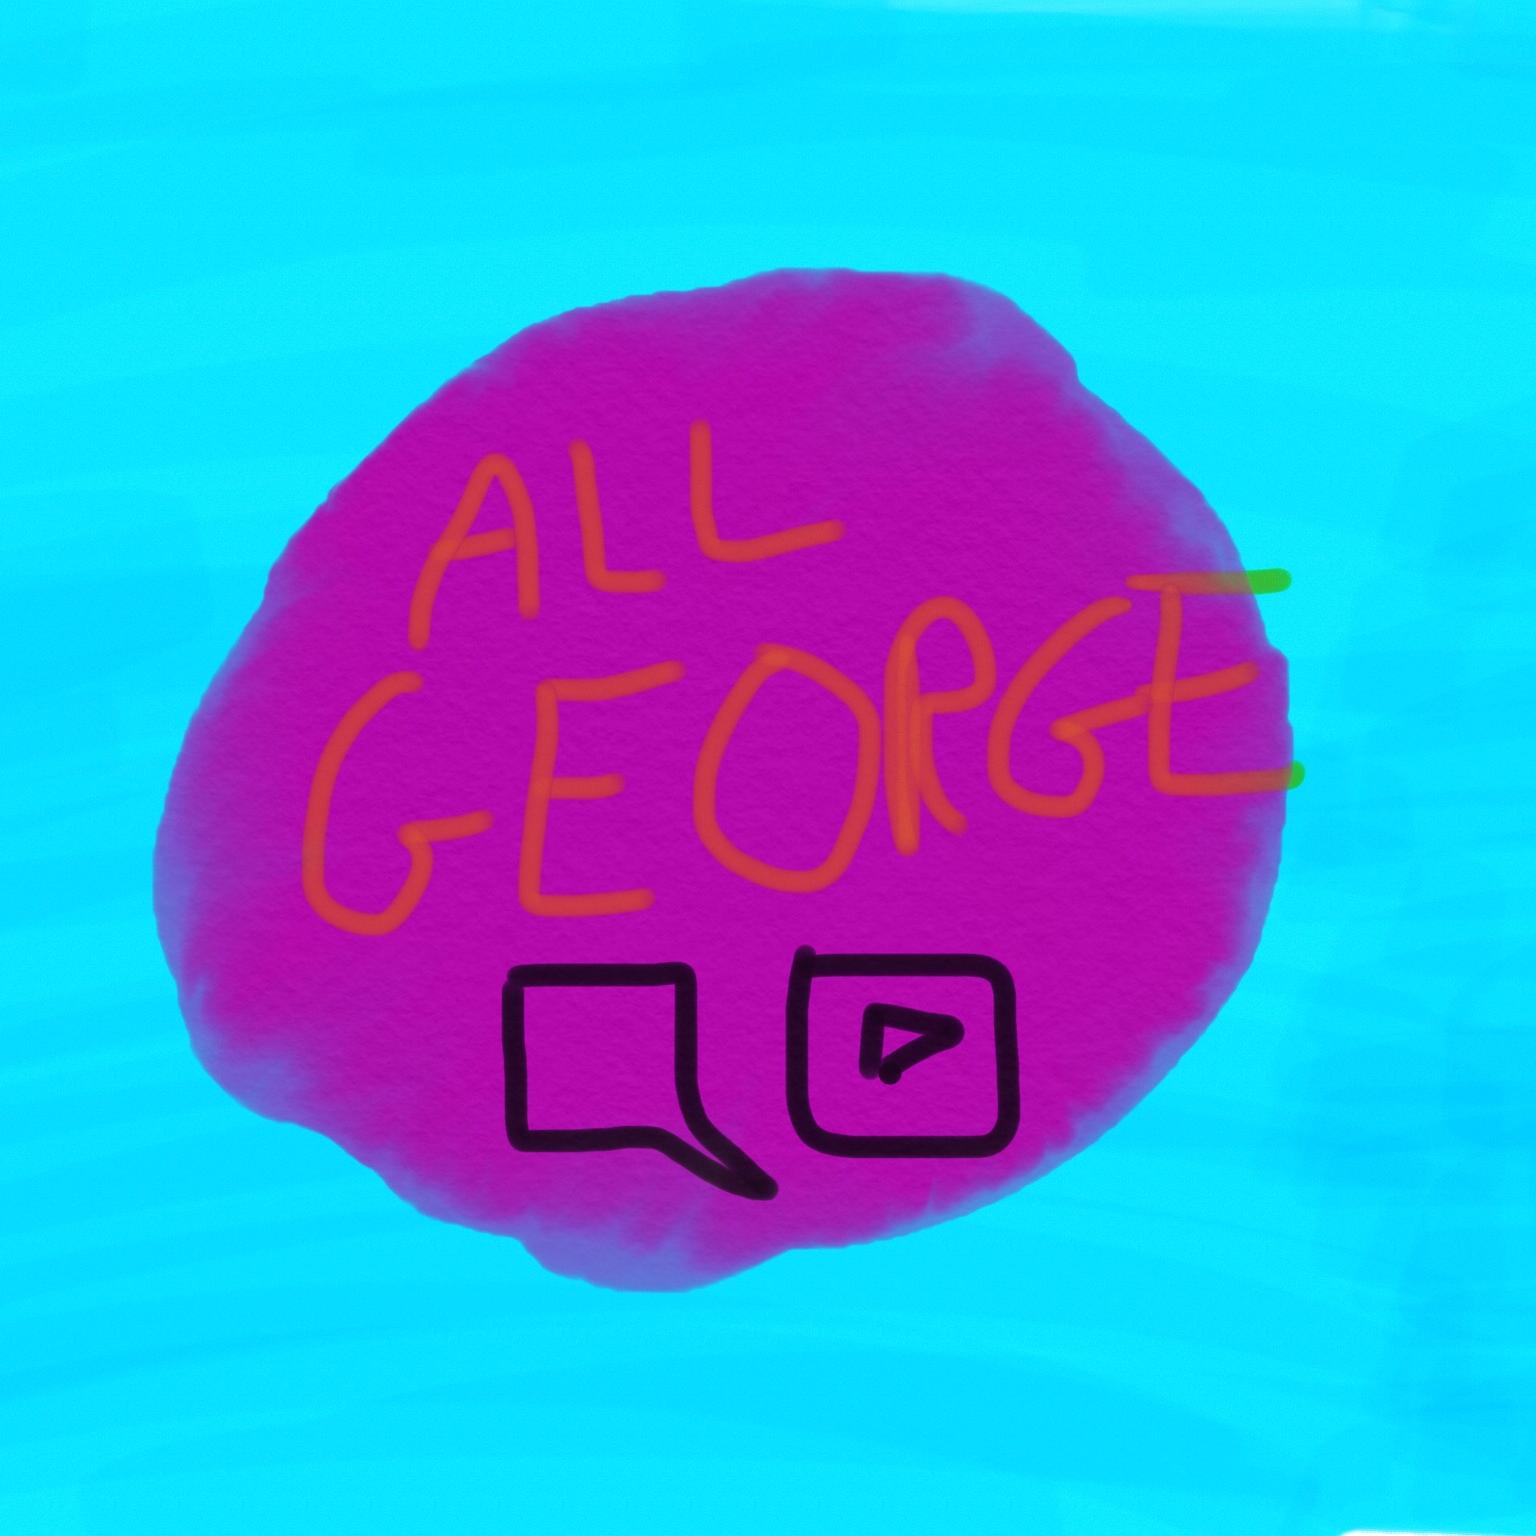 Allgeorge radio